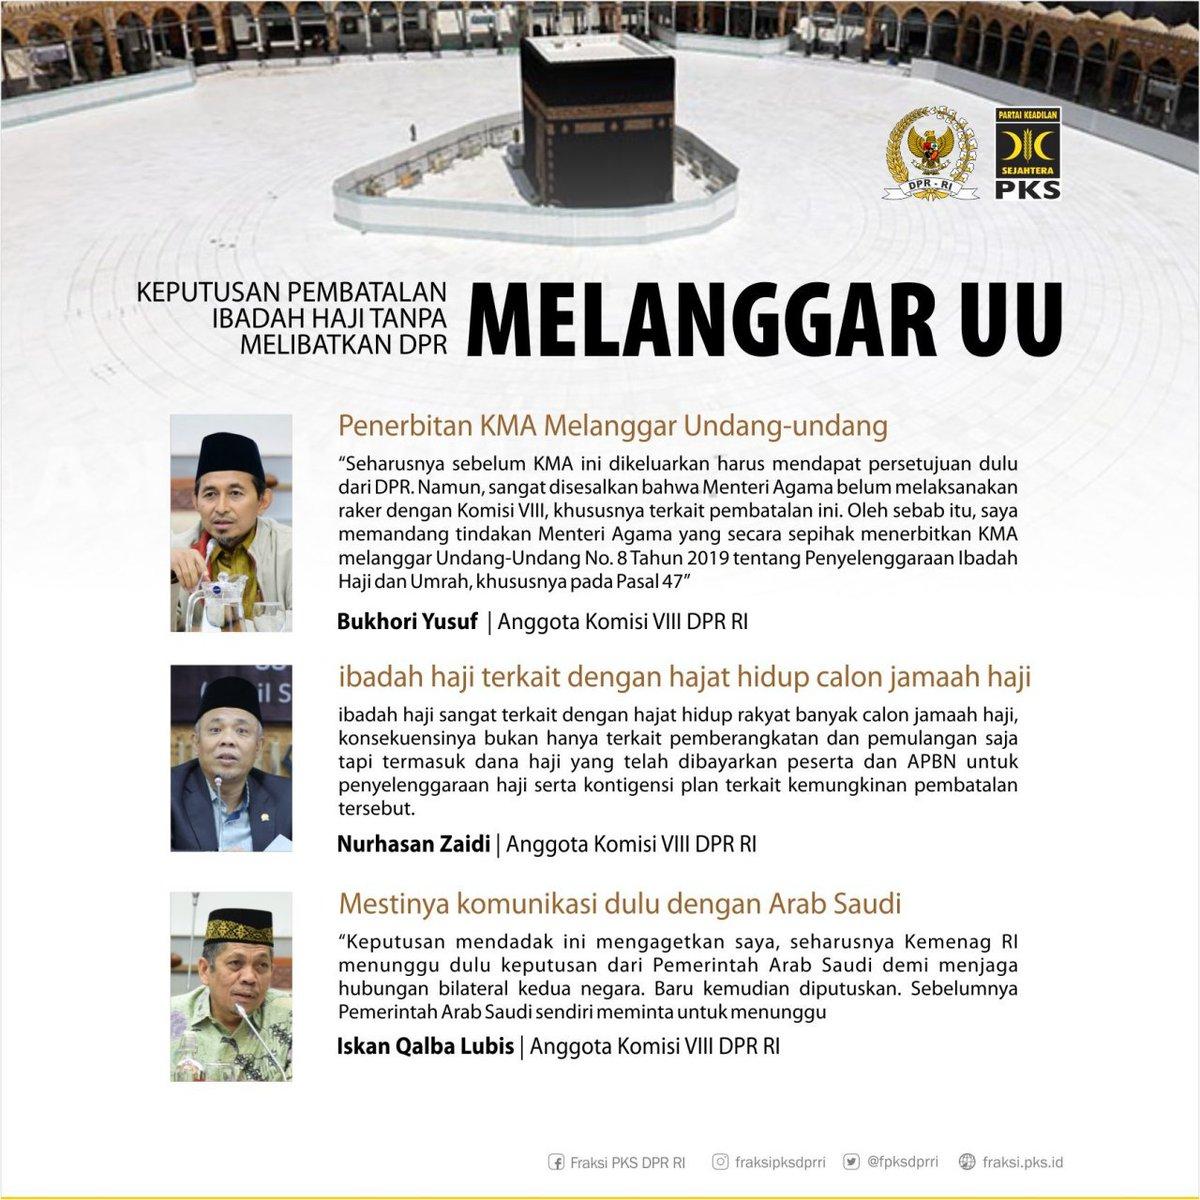 Keputusan pembatalan Ibadah Haji Tanpa Melibatkan DPR Melanggar Undang Undang.  #Fraksipksdprri  #BerkhidmatUntukRakyat  #pksawasikabinet https://t.co/z9SwUew85e